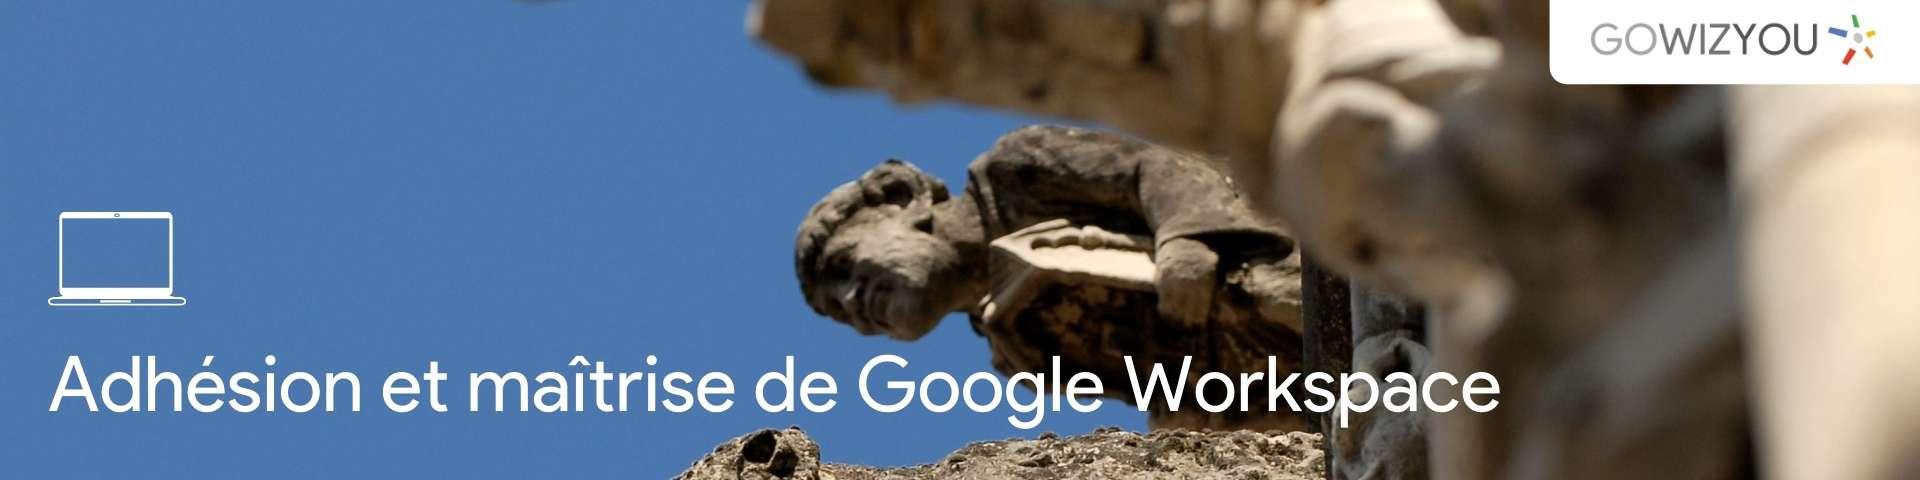 Adhésion et Maîtrise de Google Workspace